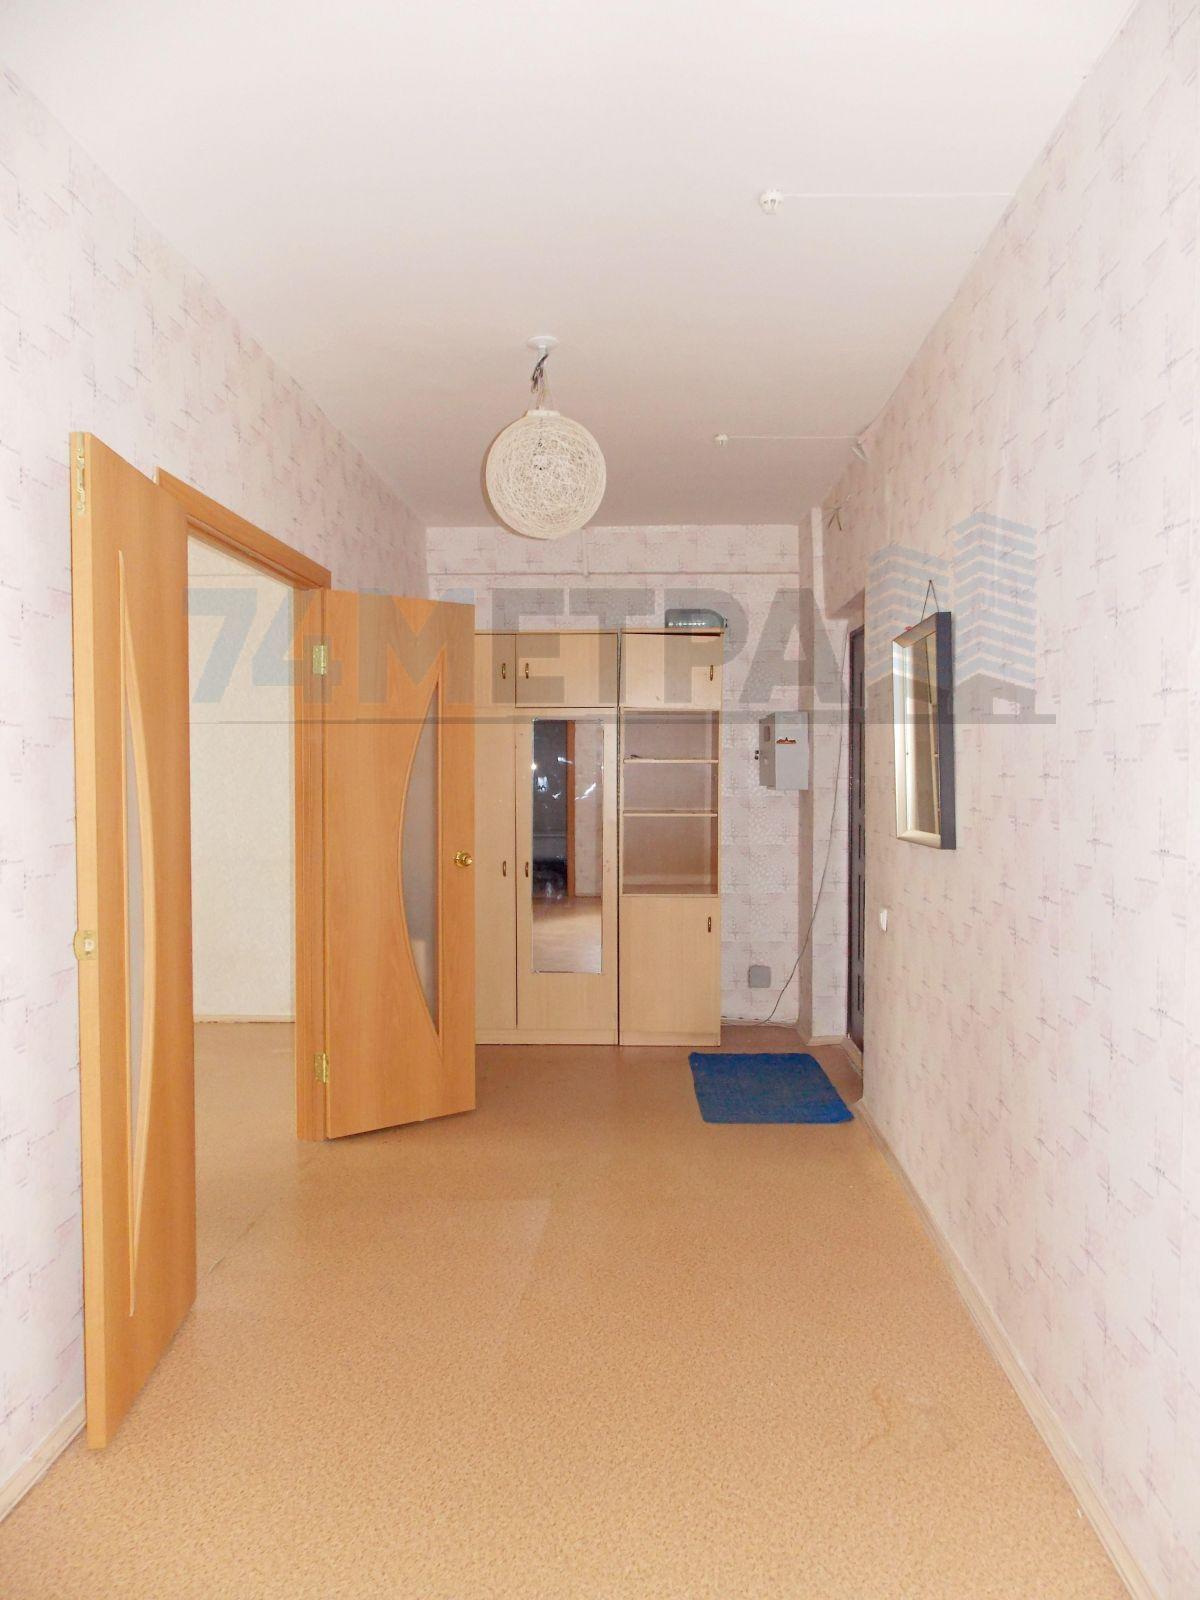 10 000 ₽, 1 - комнатная квартира, площадь 56 м², этаж 8/10